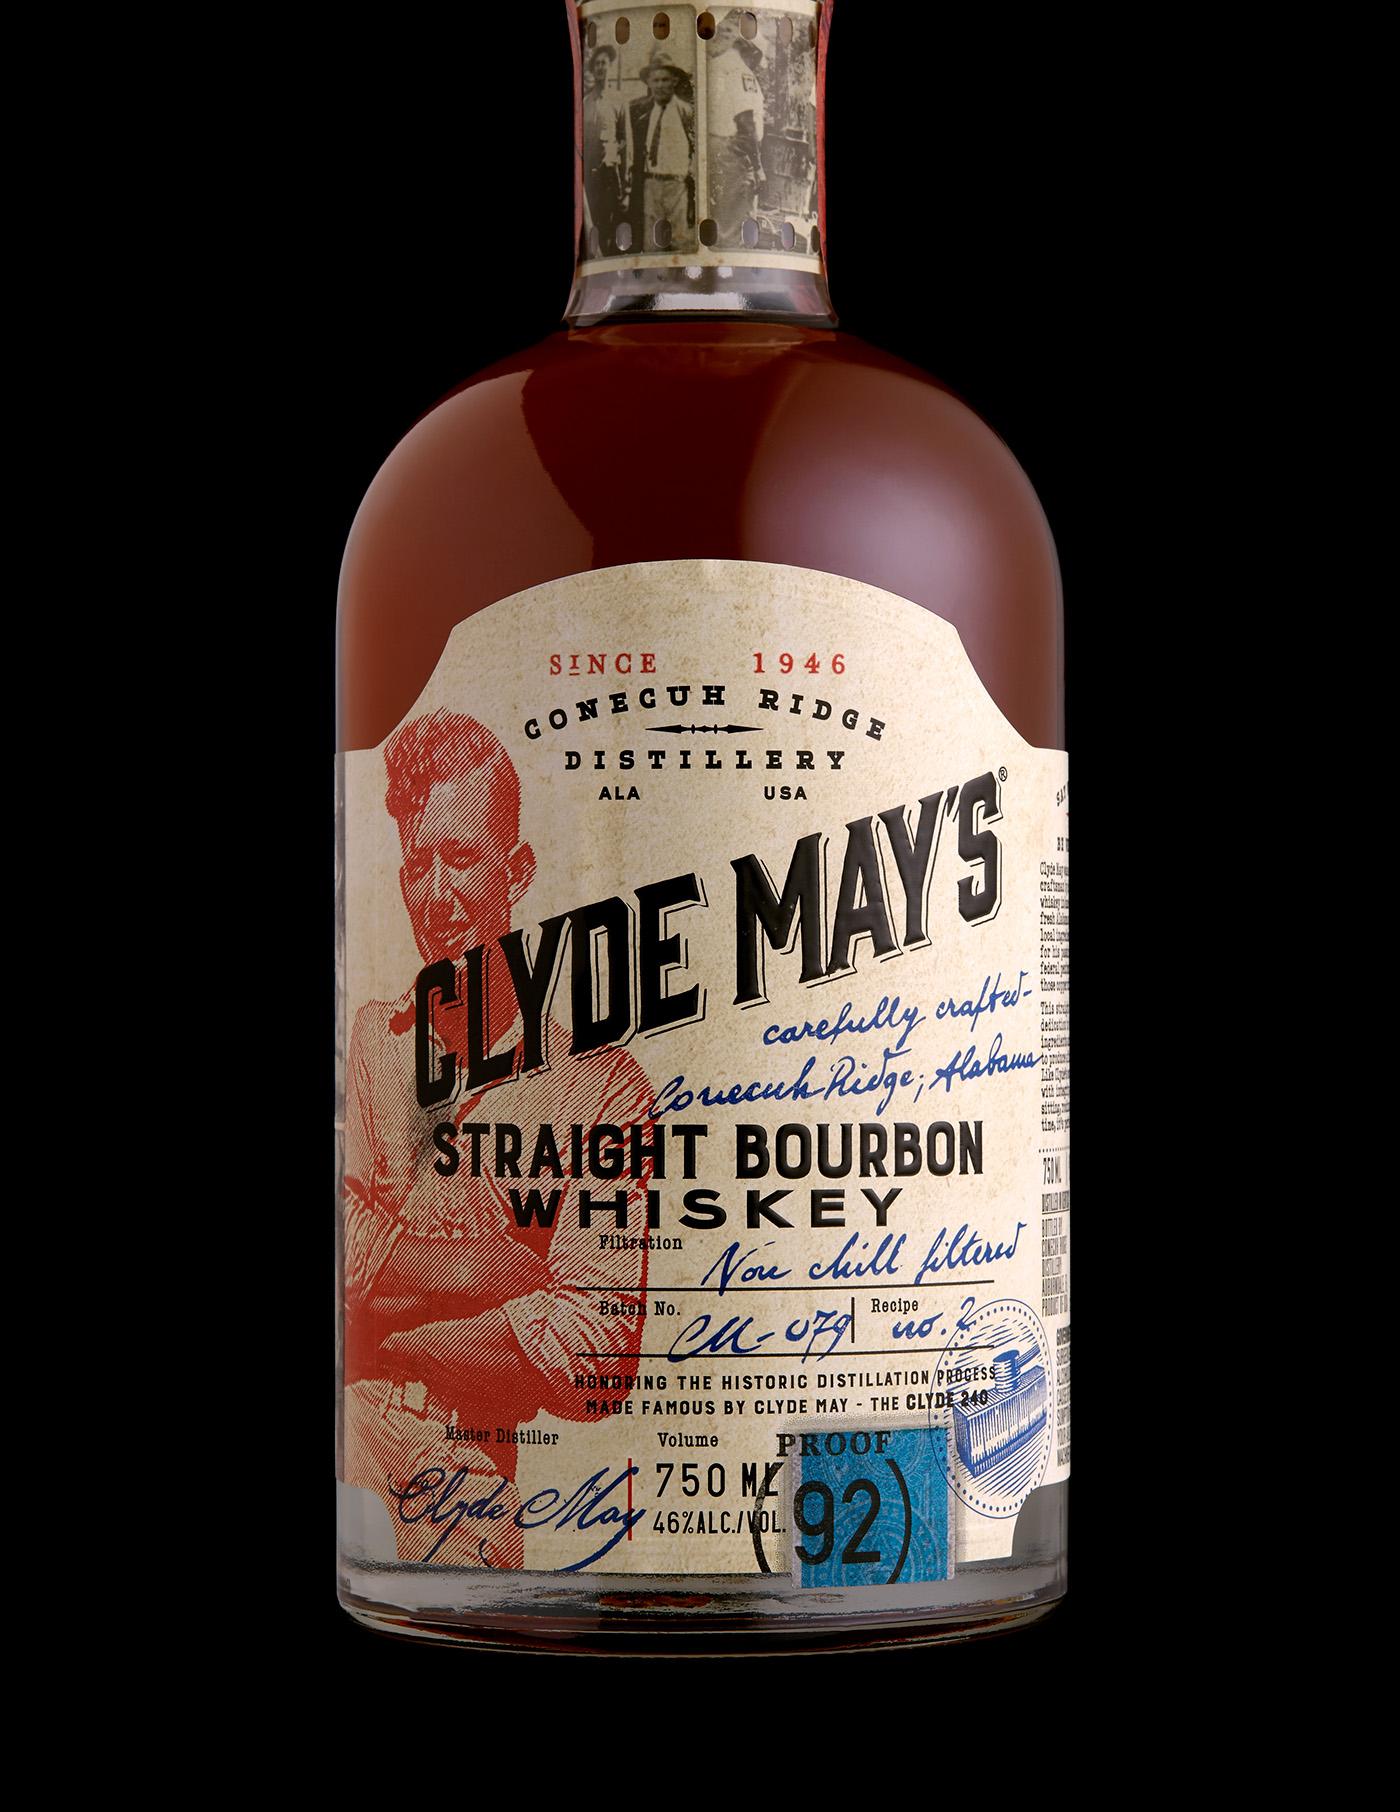 Stranger & Stranger bourbon Packaging clyde may's whiskey